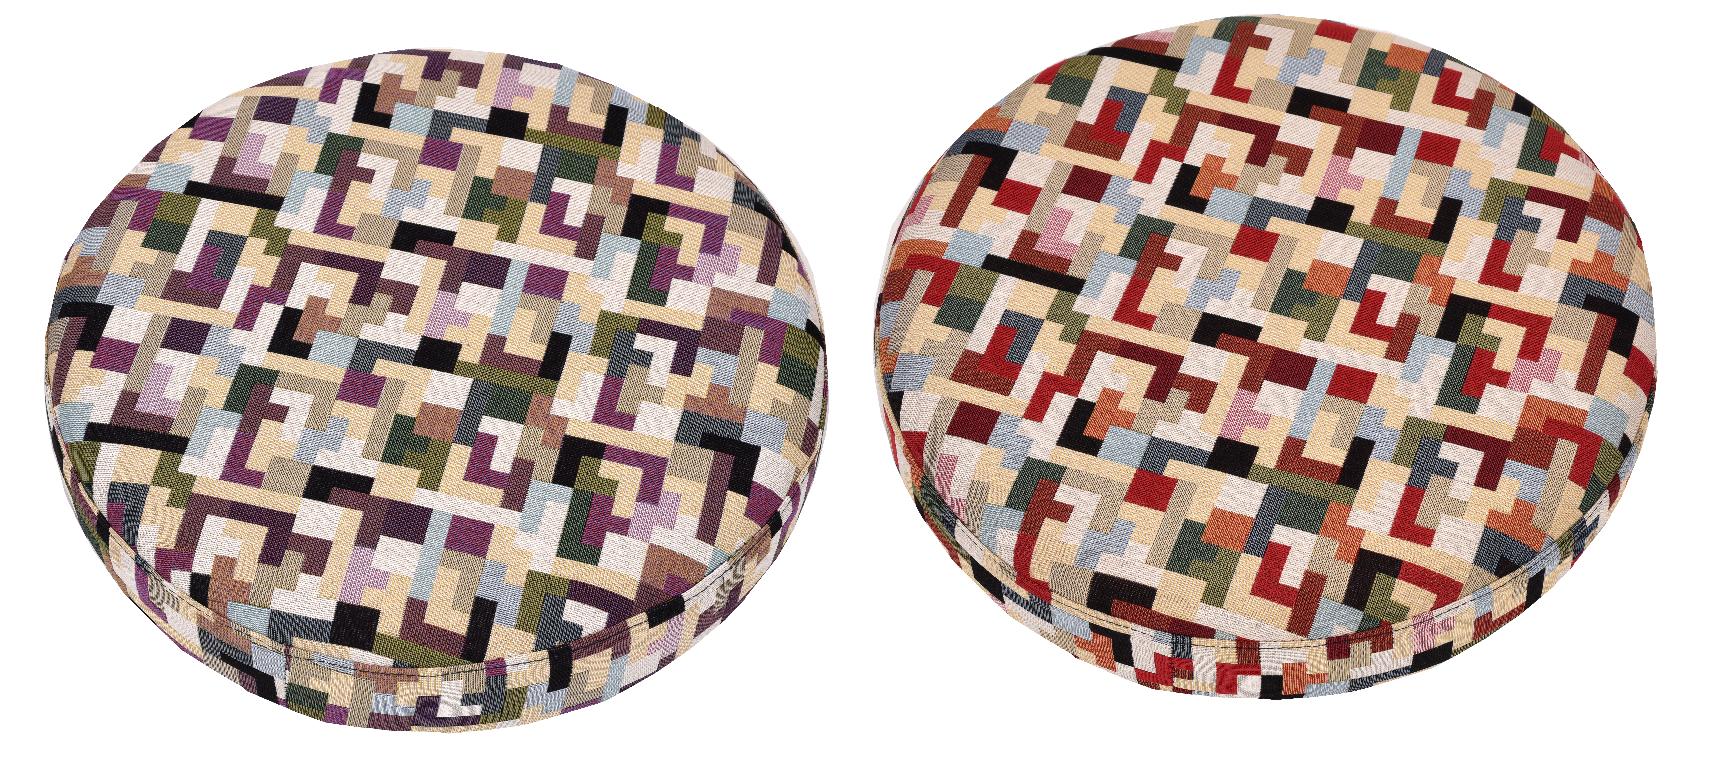 Сидения ортопедического стула расцветка лего камуфляж